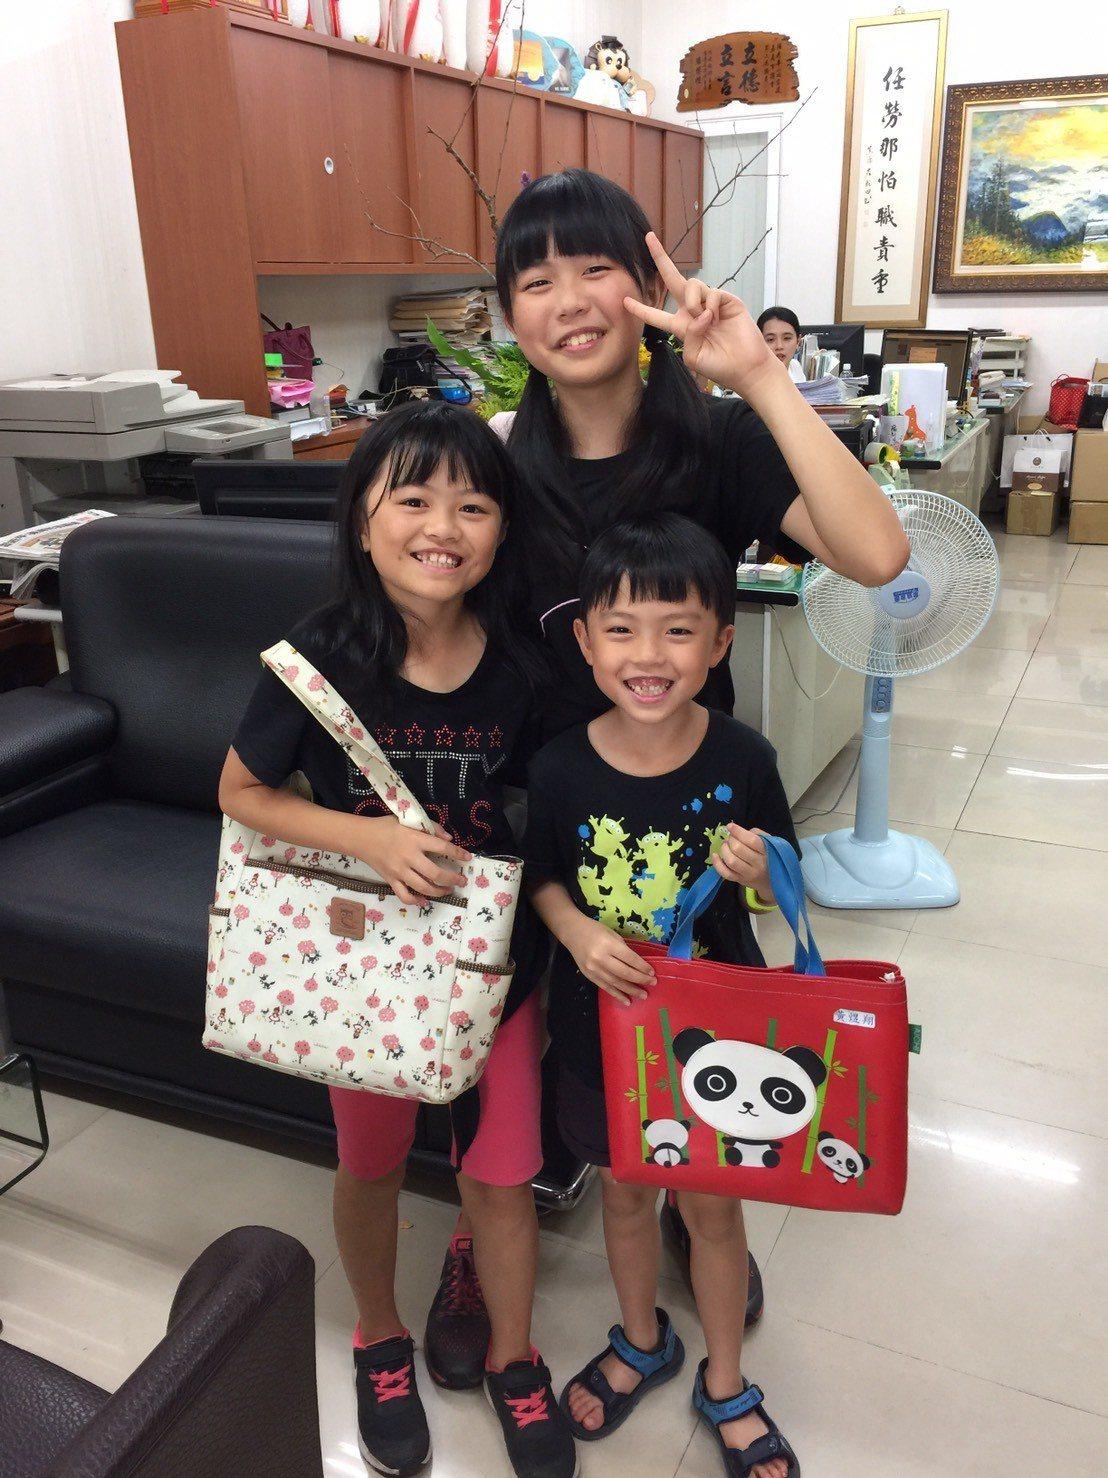 分別就讀國中、國小的黃家三姊弟,父母在新竹科學園區工作,回嘉義的阿公阿嬤家過暑假...